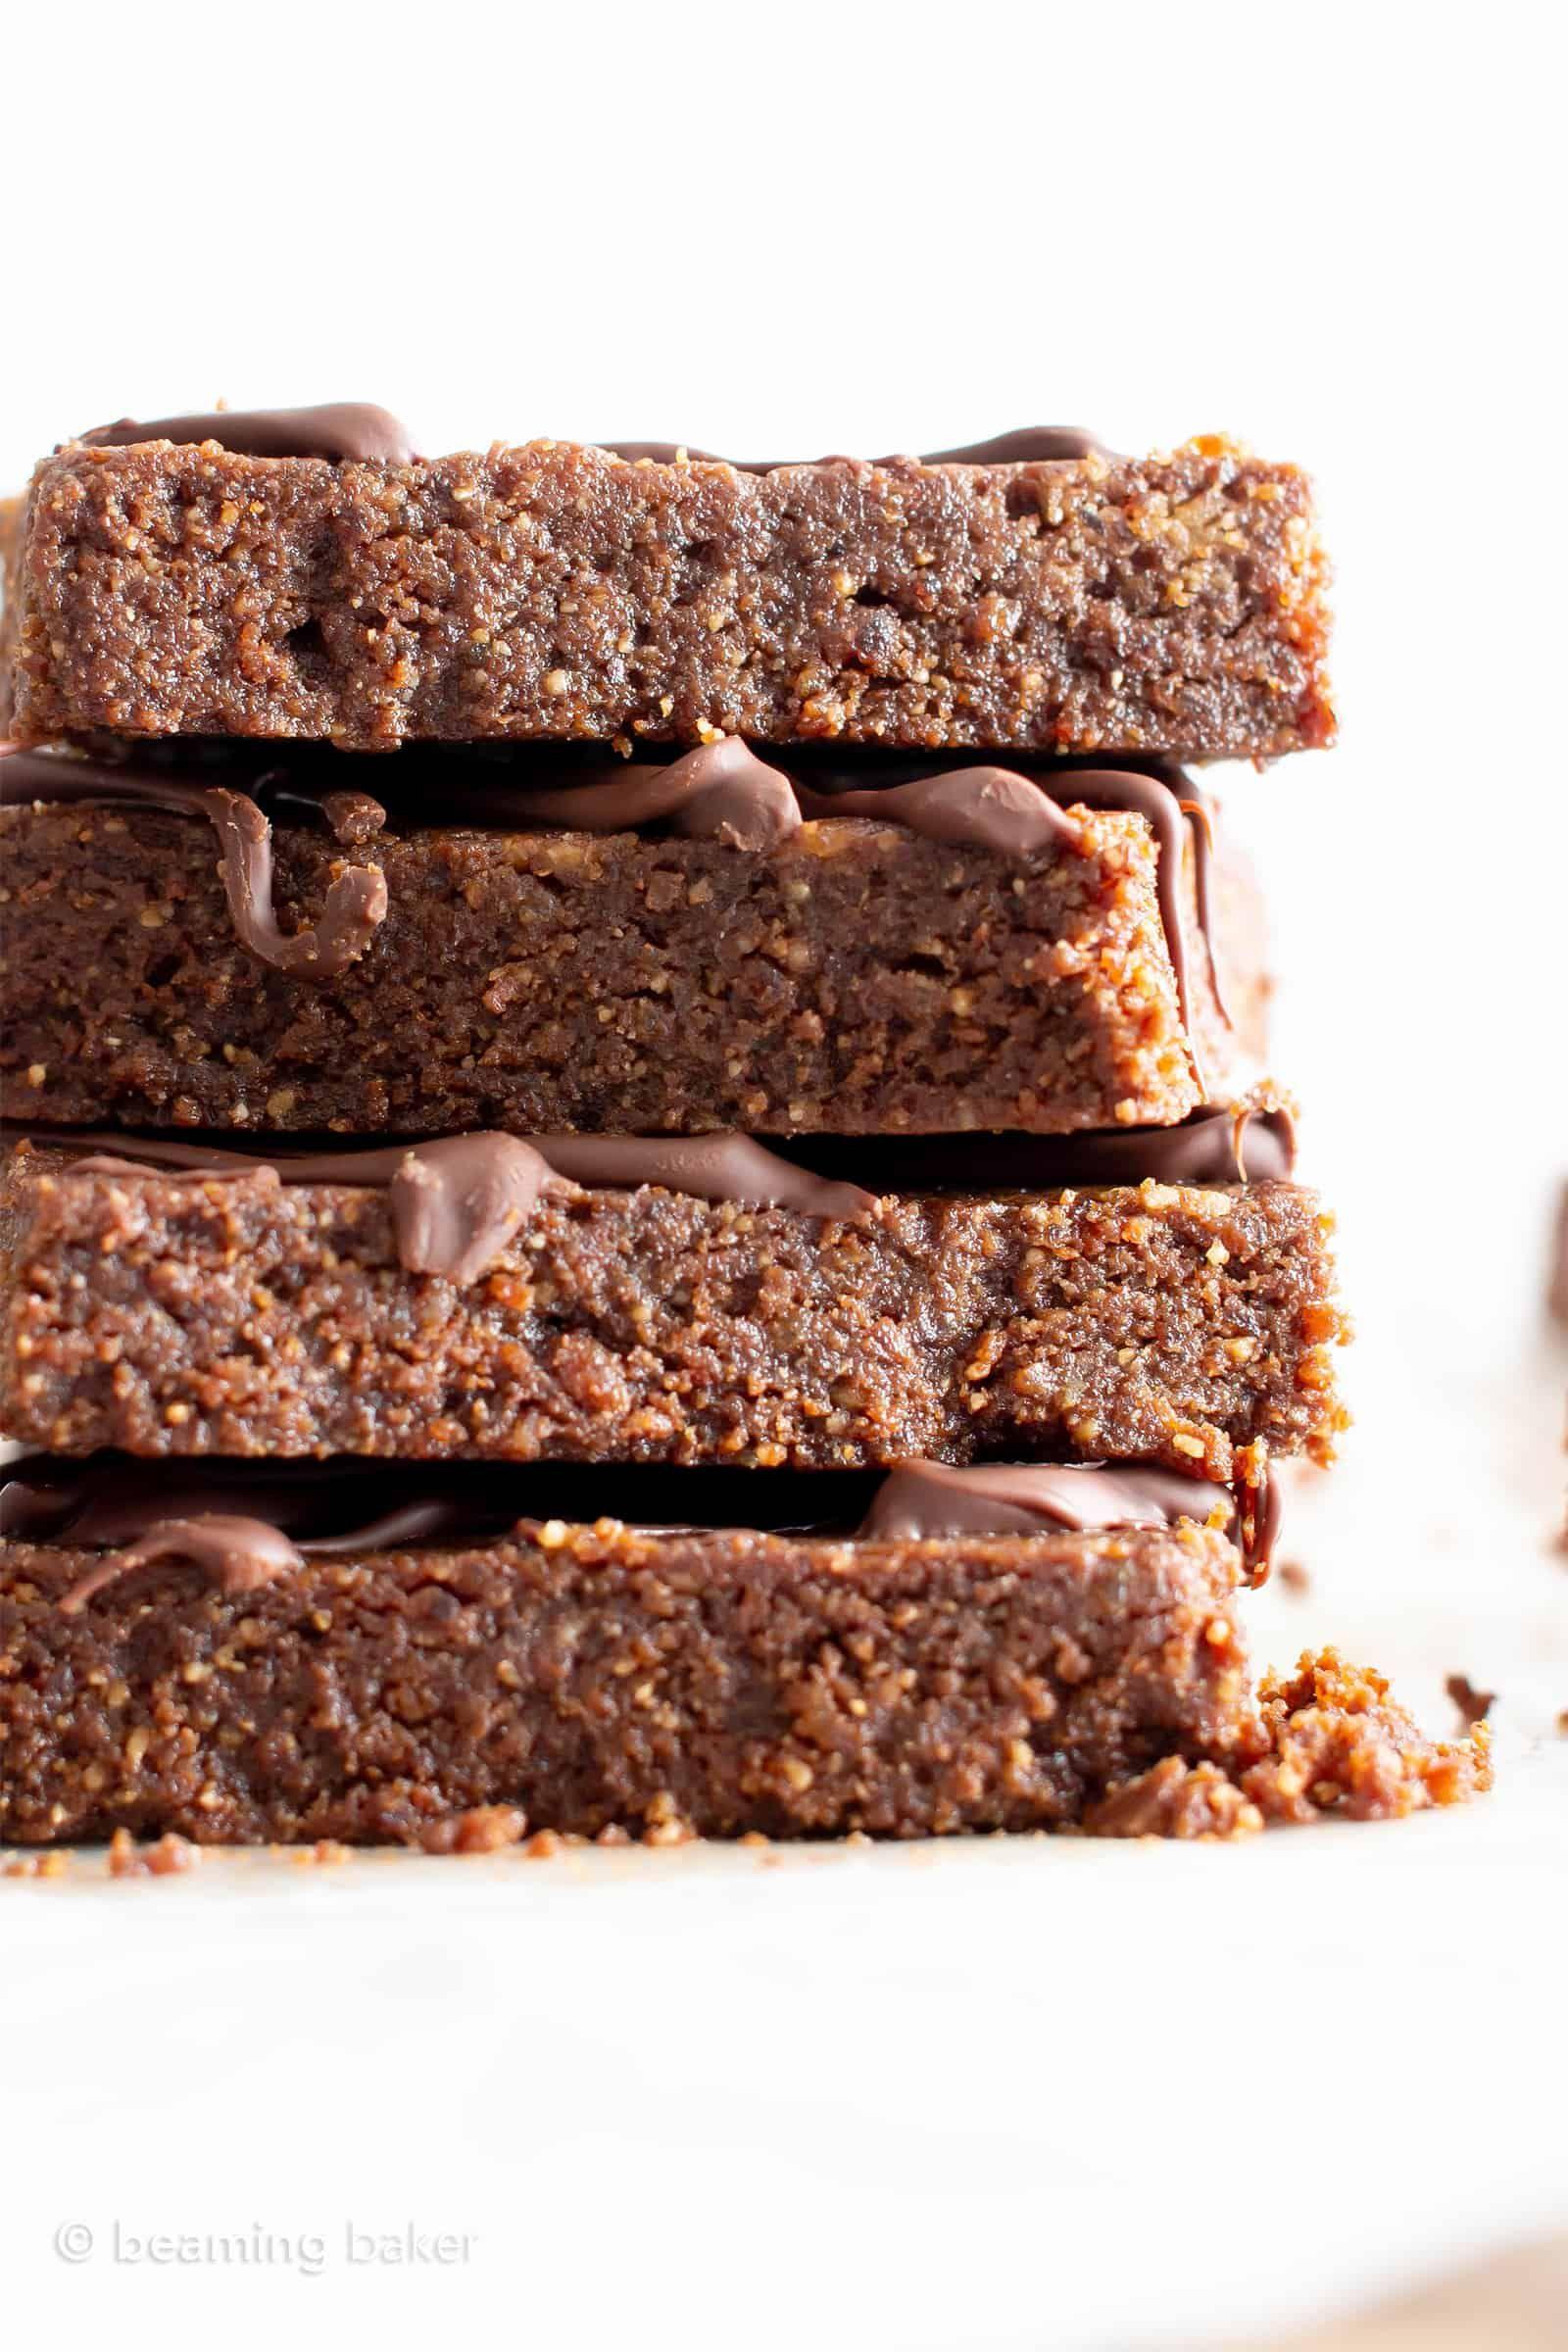 5 Ingredient Raw Vegan Brownies No Bake Gf This No Bake